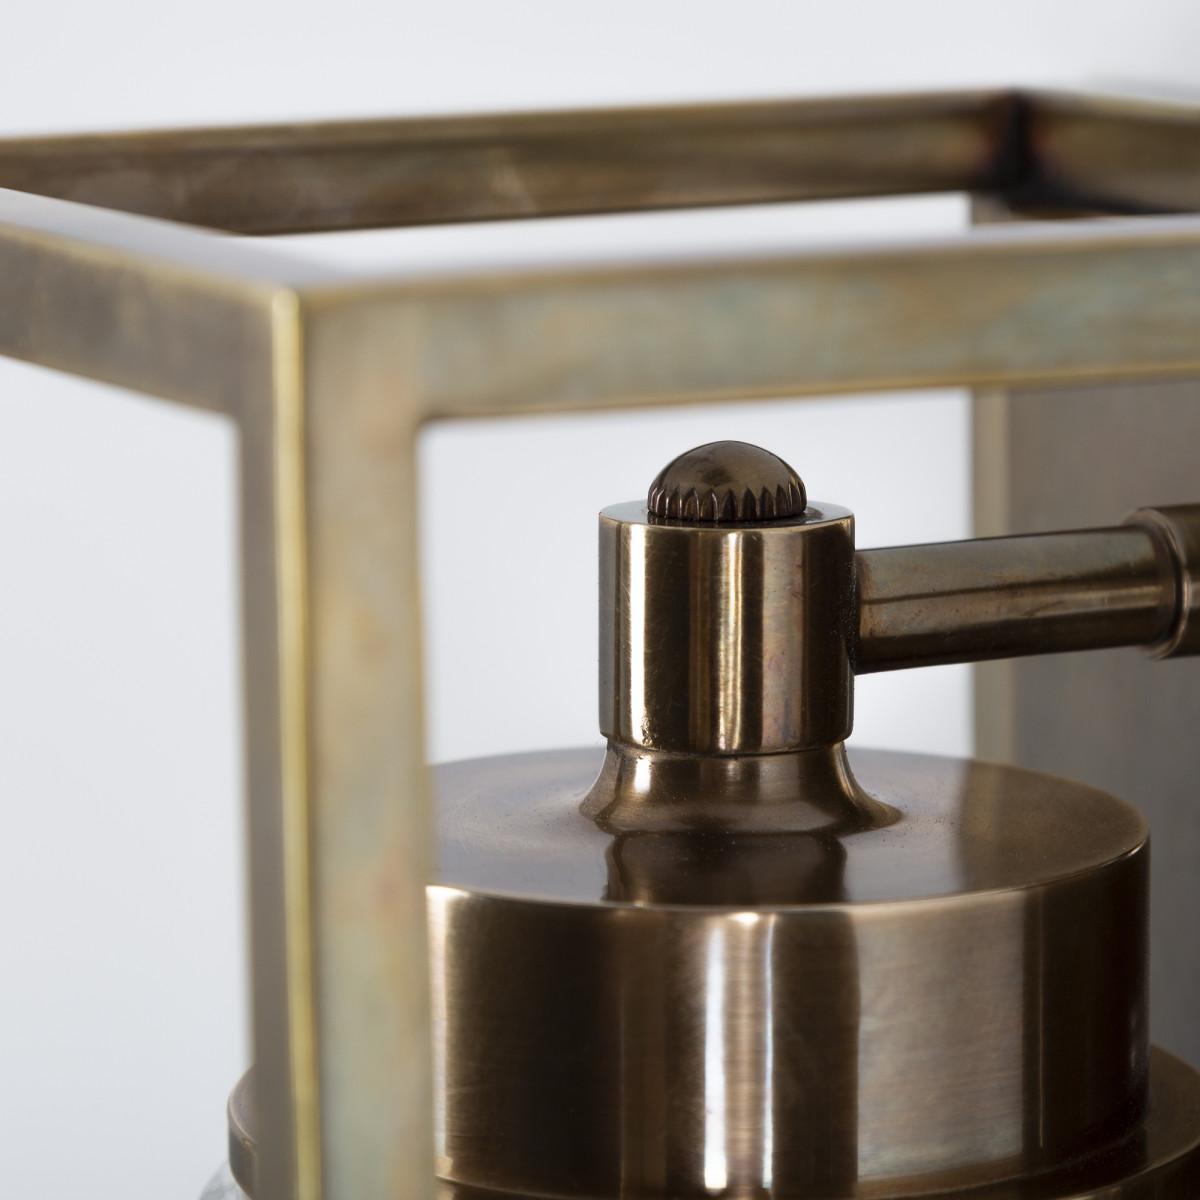 Wandlamp Fitzroy antiek messing, klassiek box design met stolpglas, e27 fitting, wandverlichting met een luxueuze uitstraling, exclusieve verlichting voor aan de wand